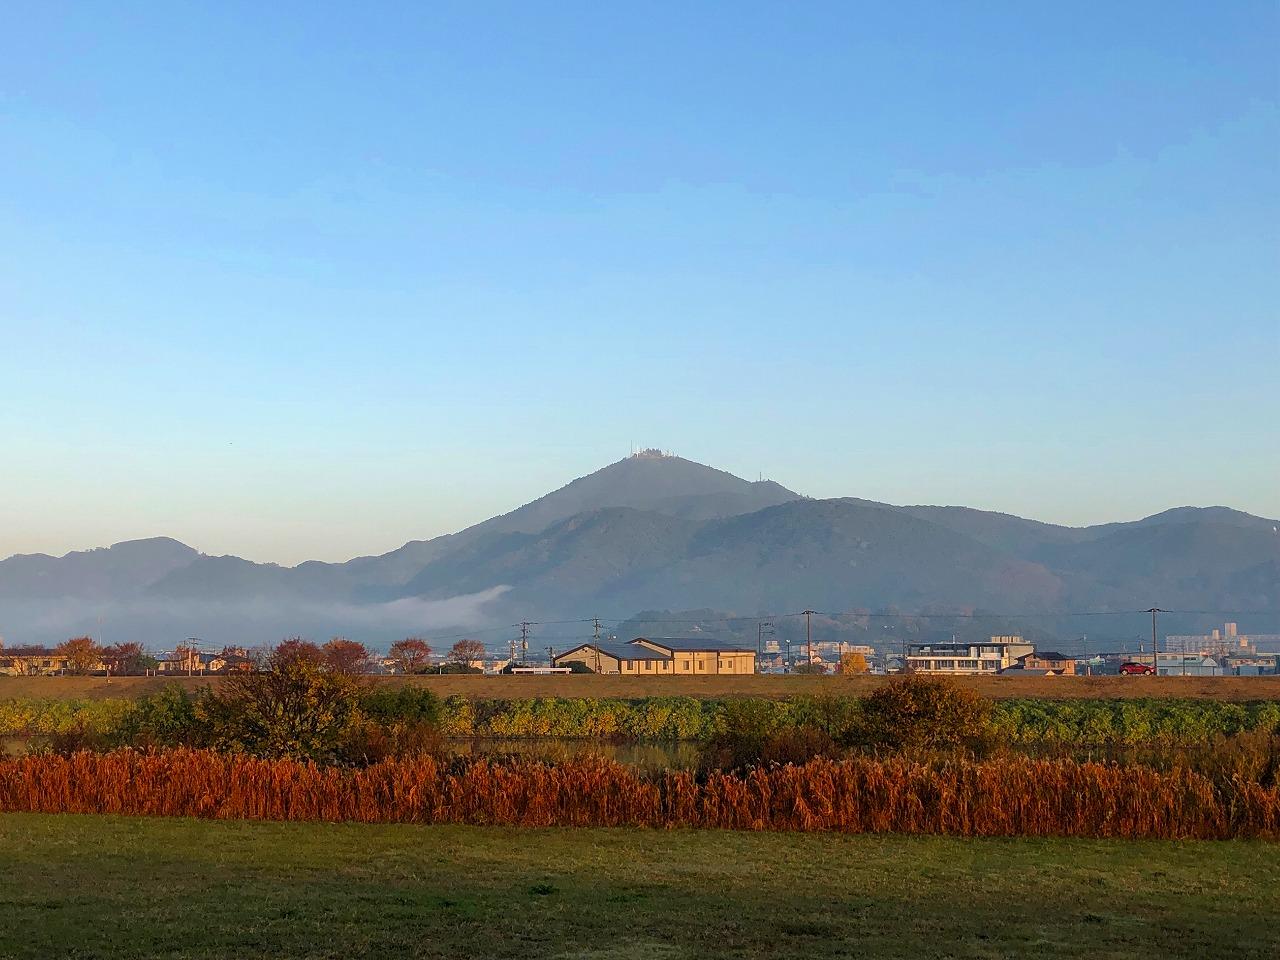 2018.11.29今朝の金峰山です